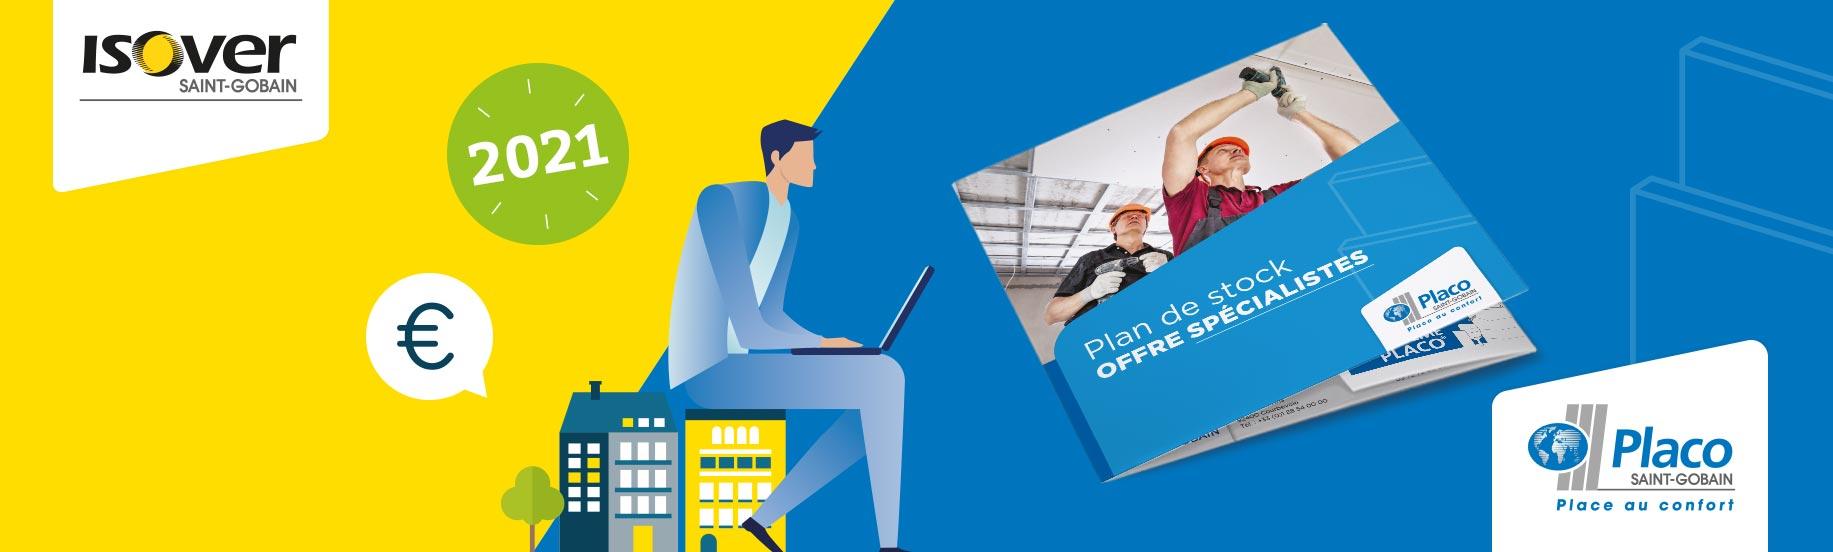 Design et mise en page de la brochure et plans de stock Isover et Placo